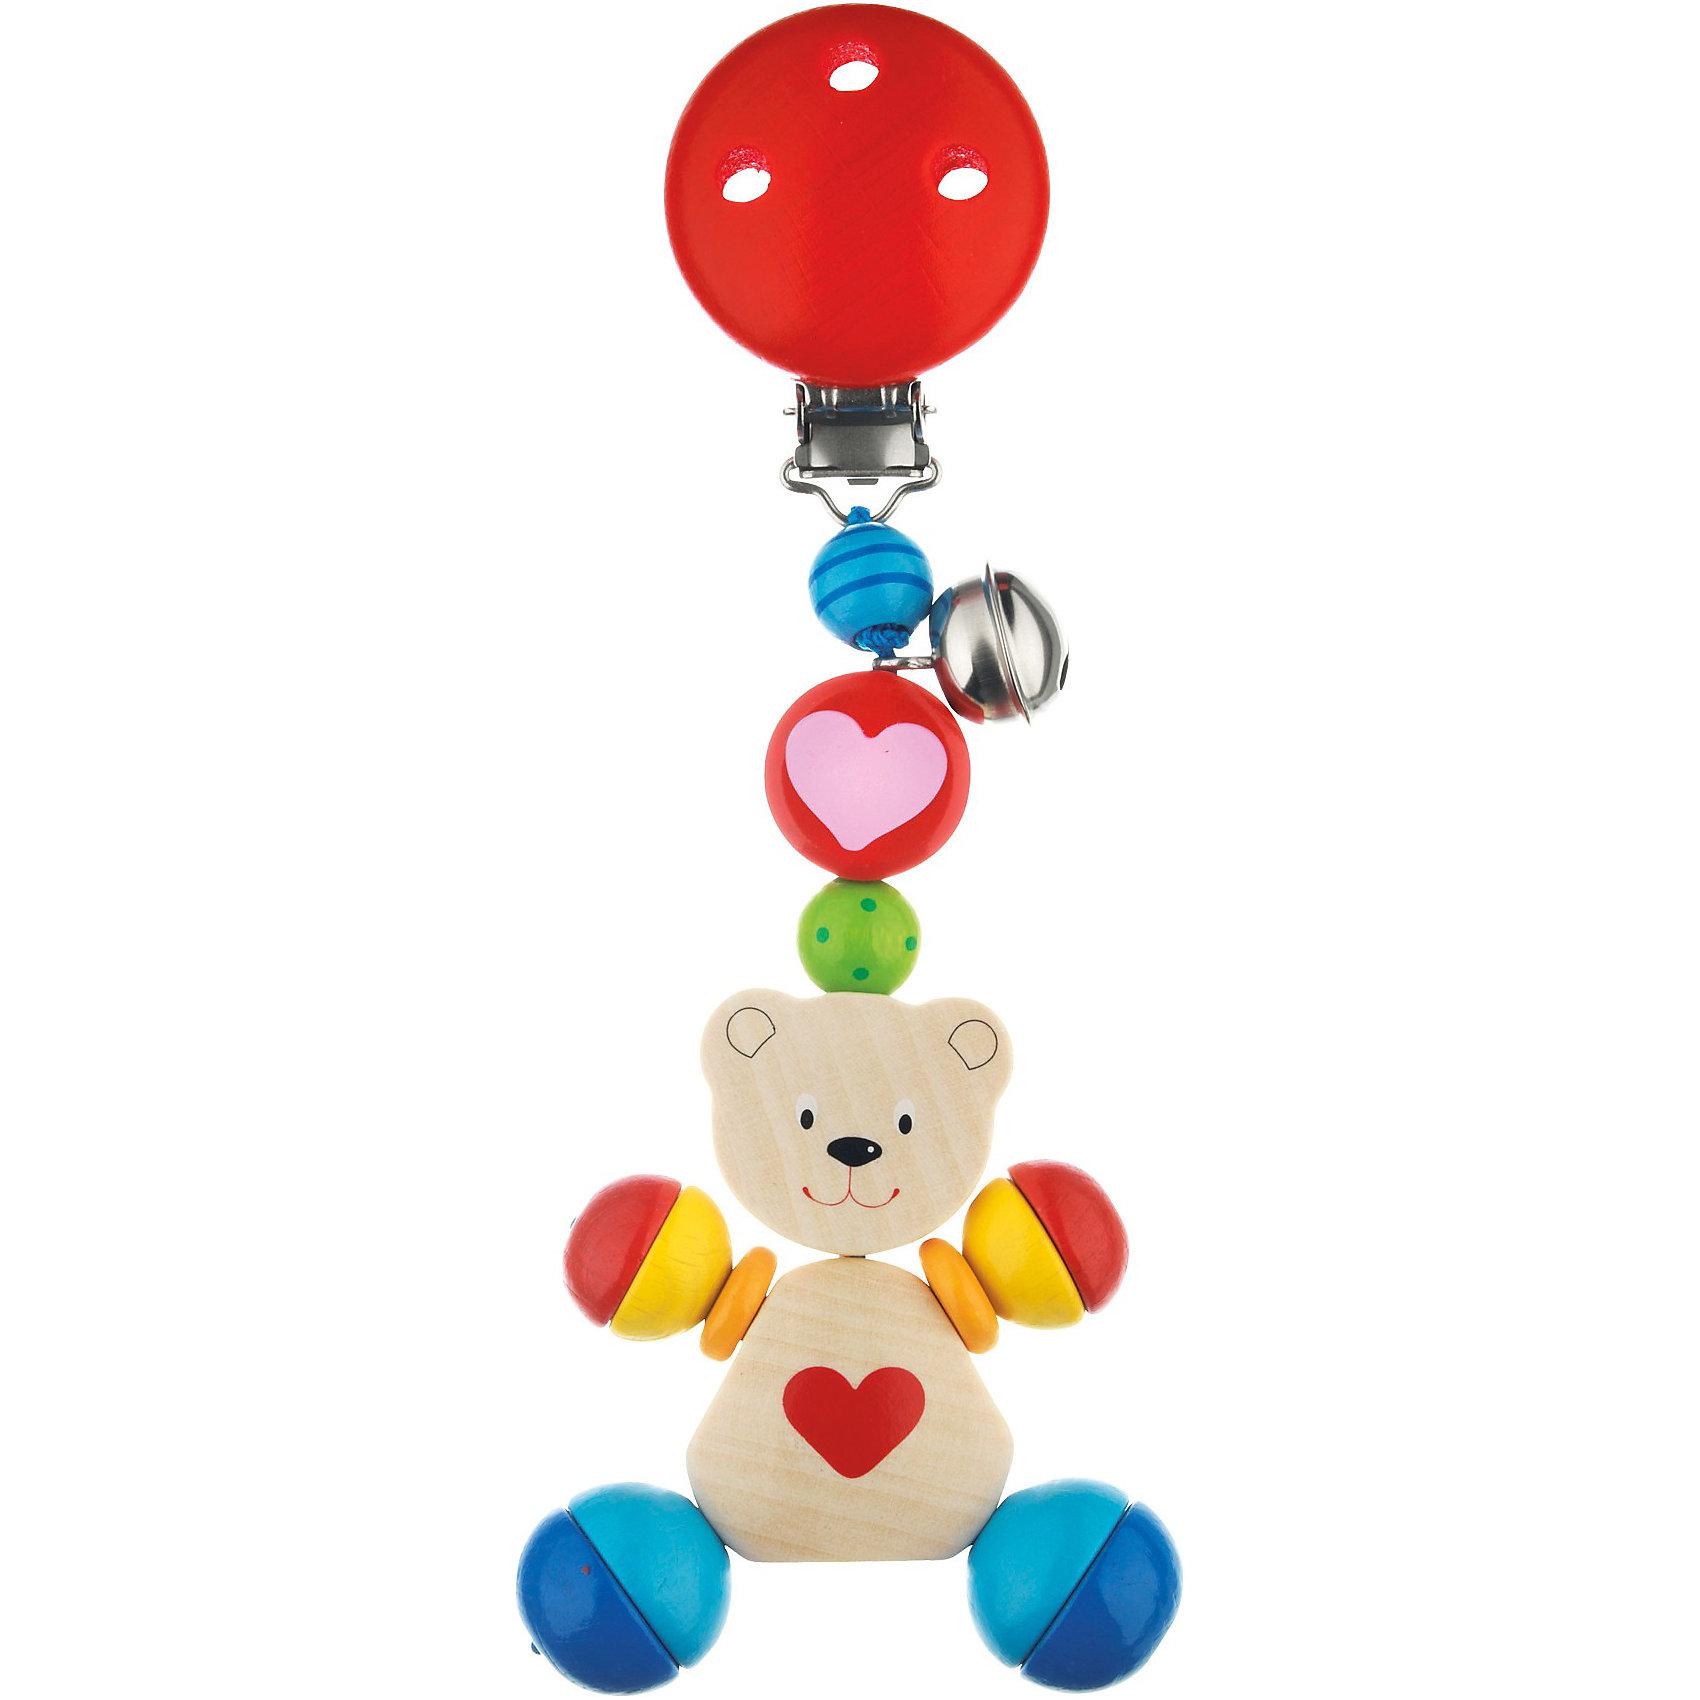 Клипса с игрушкой Медвежонок с сердцем, HEIMESSПодвески<br>Клипса с игрушкой Медвежонок с сердцем, HEIMESS (ХАЙМЕСС) – это качественная, красивая деревянная игрушка-подвеска с безопасной клипсой.<br>Клипса с игрушкой Медвежонок с сердцем от немецкого бренда HEIMESS (ХАЙМЕСС) наверняка, понравится Вашему малышу. На прочном шнурке расположился чудесный мишка, сделанный из идеально гладких деревянных деталей разной формы, которые очень приятно перебирать в руках. При движении игрушка издает приятный звук благодаря маленькому бубенчику, который будет побуждать Вашего малыша тянуться к игрушке снова и снова. Металлическая клипса надежно и бережно прикрепит игрушку к одежде малыша или коляске и не поранит его благодаря защитному деревянному колпачку. Возьмите забавного медвежонка с собой на прогулку: он никогда не потеряется, и будет радовать малыша приятным звоном. Игрушка Медвежонок с сердцем будет день за днем развивать у малыша мелкую моторику, координацию движений и внимание. Она изготовлена из качественной древесины и покрыта стойкими безопасными красками на водной основе. Благодаря этому ребенок может брать игрушку в рот. Размер и конструкция игрушки замечательно подходит для маленьких детских ручек. Игрушки от Heimess (Хаймесс) уже больше 50 лет пользуются популярностью у детей и родителей. Они делаются из самых безопасных материалов и тщательно тестируются.<br><br>Дополнительная информация:<br><br>- Материал: древесина, стойкие краски на водной основе<br>- Размер: 11,5 см.<br>- Вес: 55 гр.<br><br>Клипсу с игрушкой Медвежонок с сердцем, HEIMESS (ХАЙМЕСС) можно купить в нашем интернет-магазине.<br><br>Ширина мм: 115<br>Глубина мм: 115<br>Высота мм: 115<br>Вес г: 55<br>Возраст от месяцев: 0<br>Возраст до месяцев: 24<br>Пол: Унисекс<br>Возраст: Детский<br>SKU: 3777825